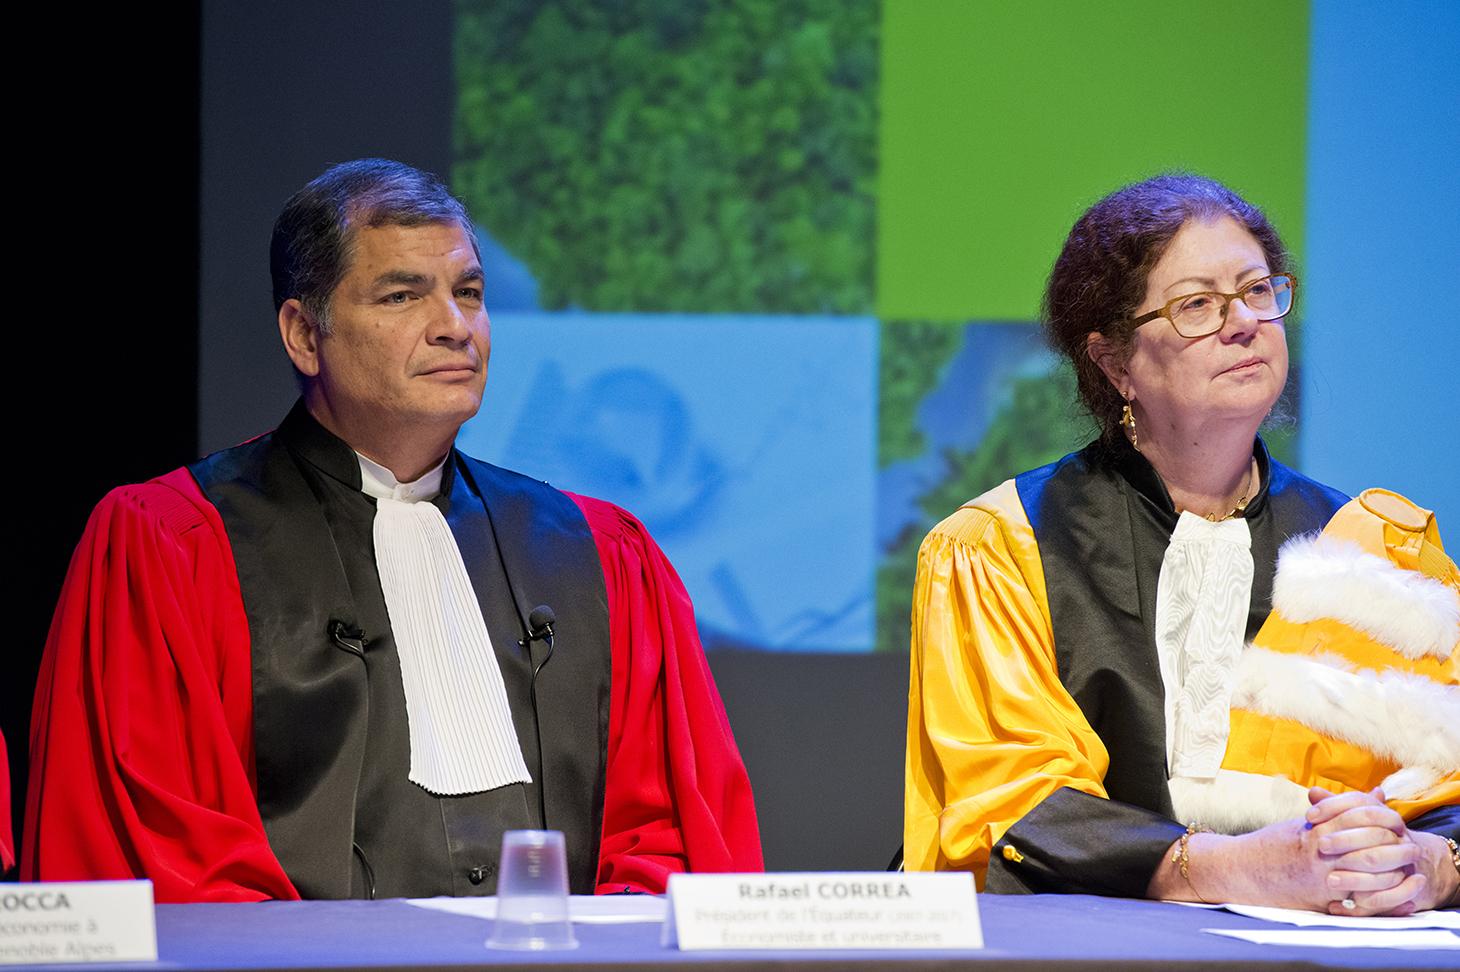 Cérémonie Docteur Honoris Causa 2017 - Rafael Correa et Lise Dumasy, présidente de l'UGA